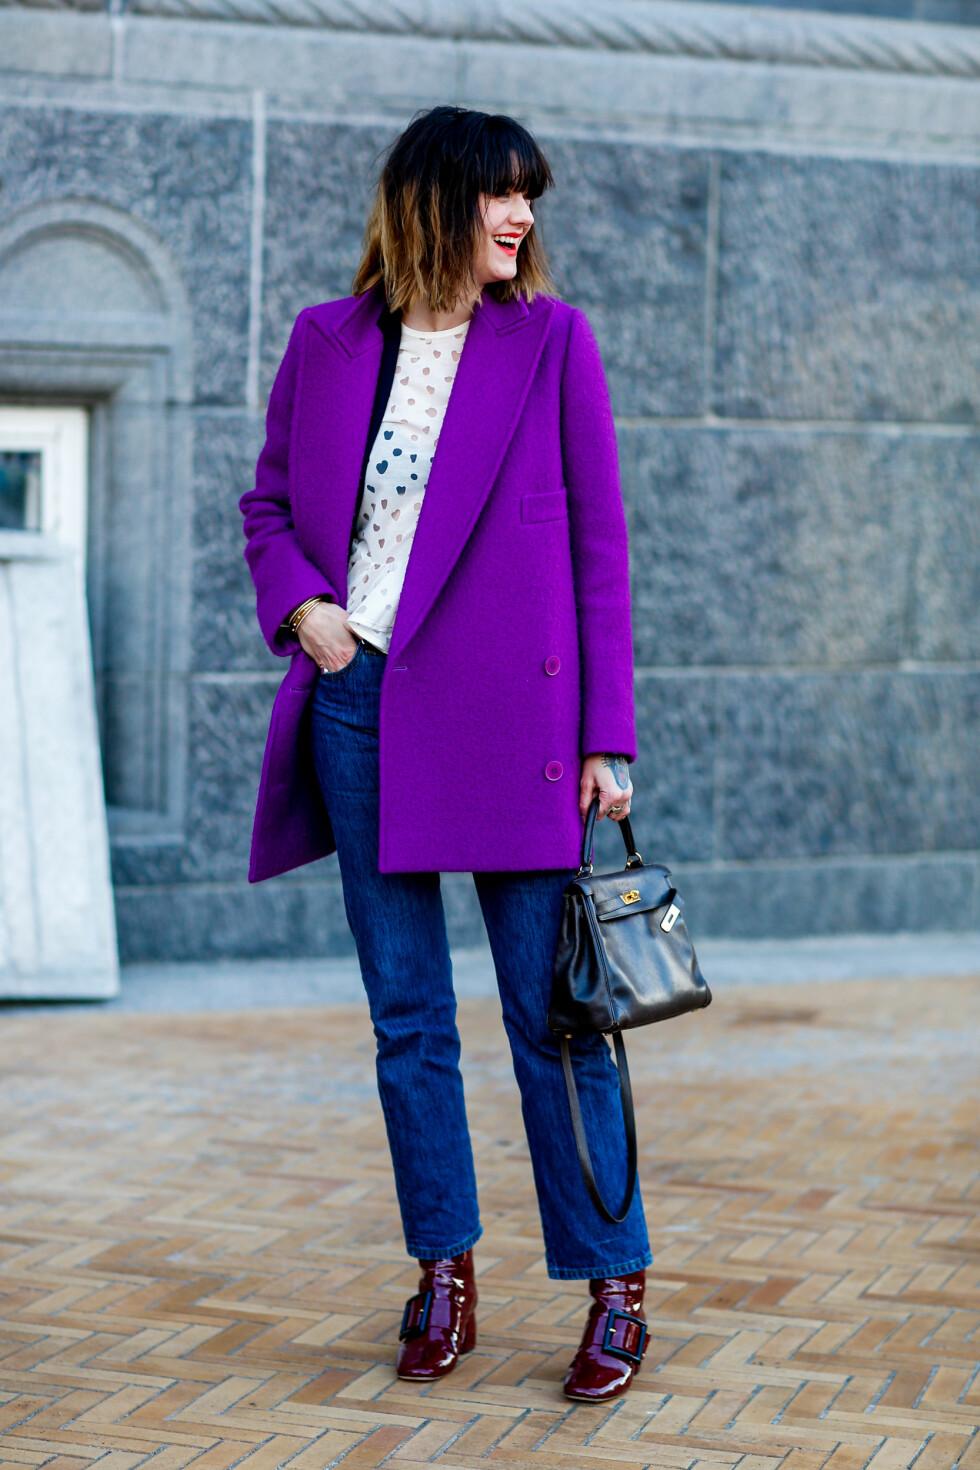 STERKE FARGEKOMBINASJONER: Norske Marianne Theodorsen bruker sin superkule lilla jakke sammen med jeans, ankelstøvletter i en burgunder/lilla tone, en detaljert topp og knallrøde lepper! Foto: Abaca